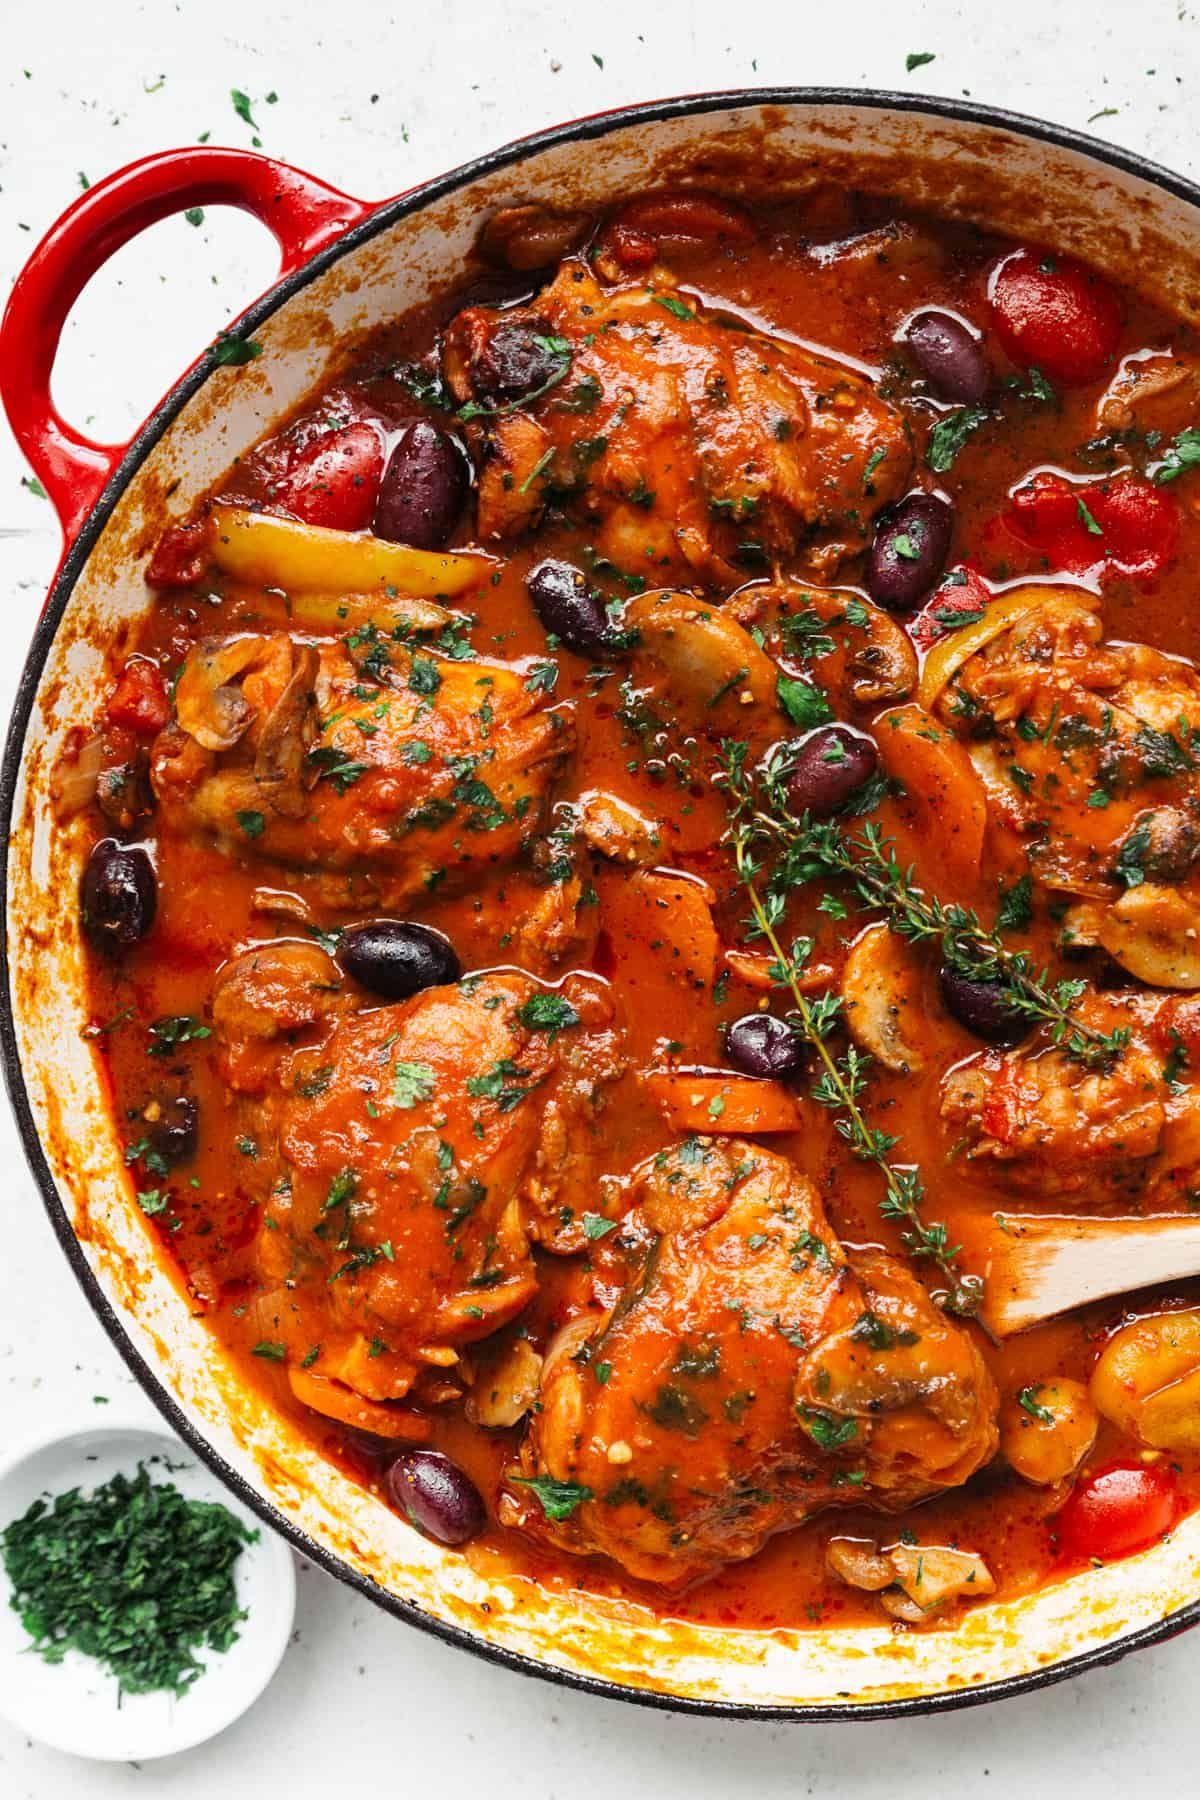 Chicken Cacciatore In 2020 Cacciatore Recipes Slow Cooked Chicken Chicken Cacciatore Recipe